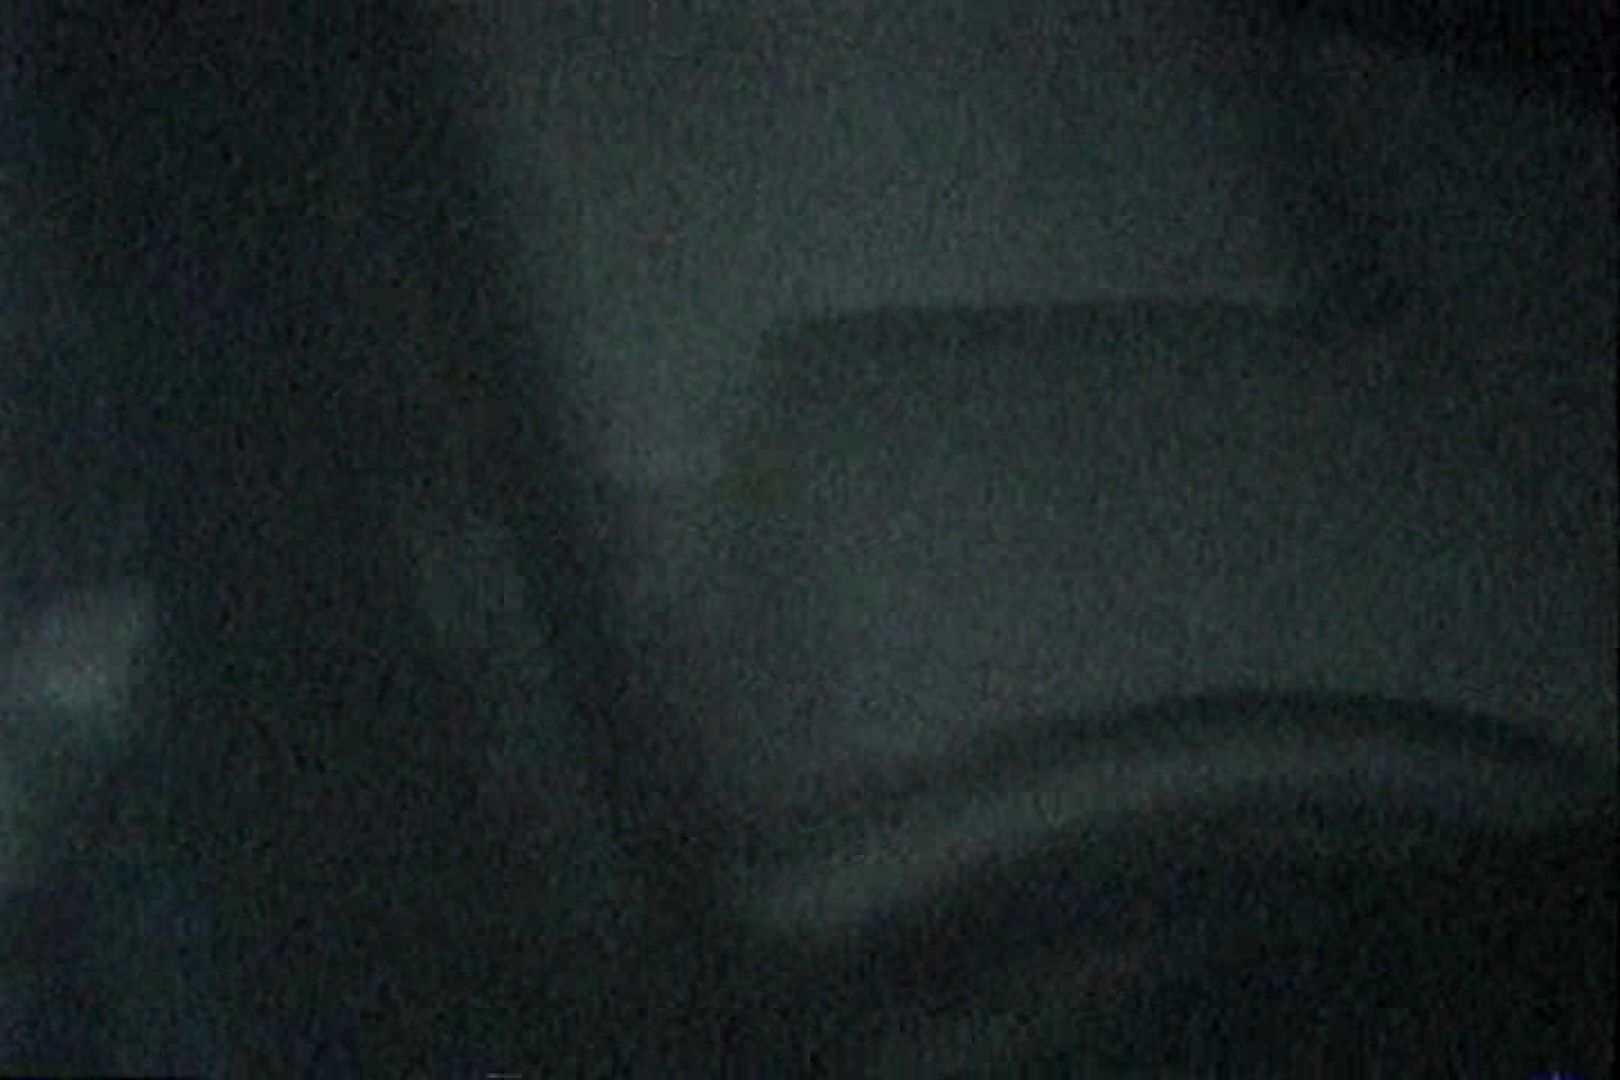 充血監督の深夜の運動会Vol.142 おまんこ丸見え | OL女体  103連発 59